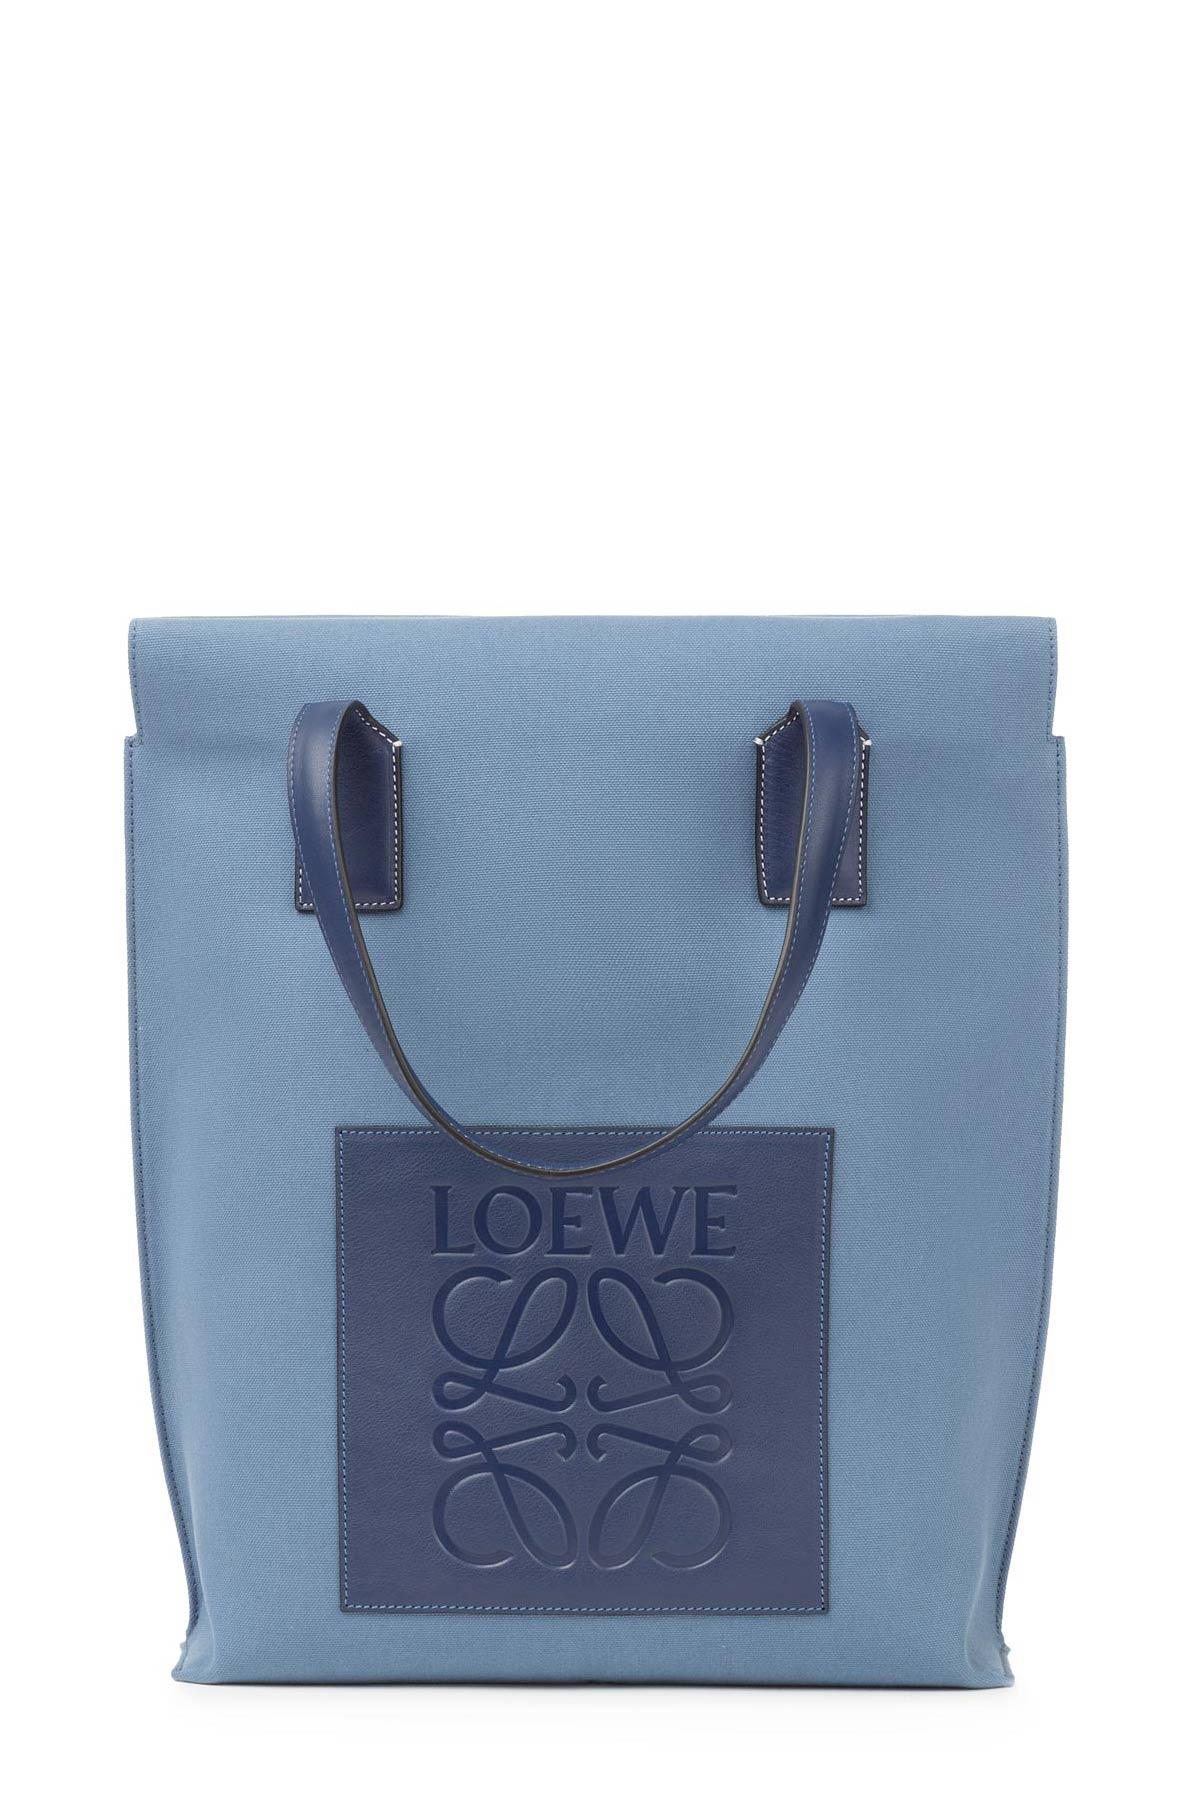 LOEWE ショッパー バッグ Blue/Navy front